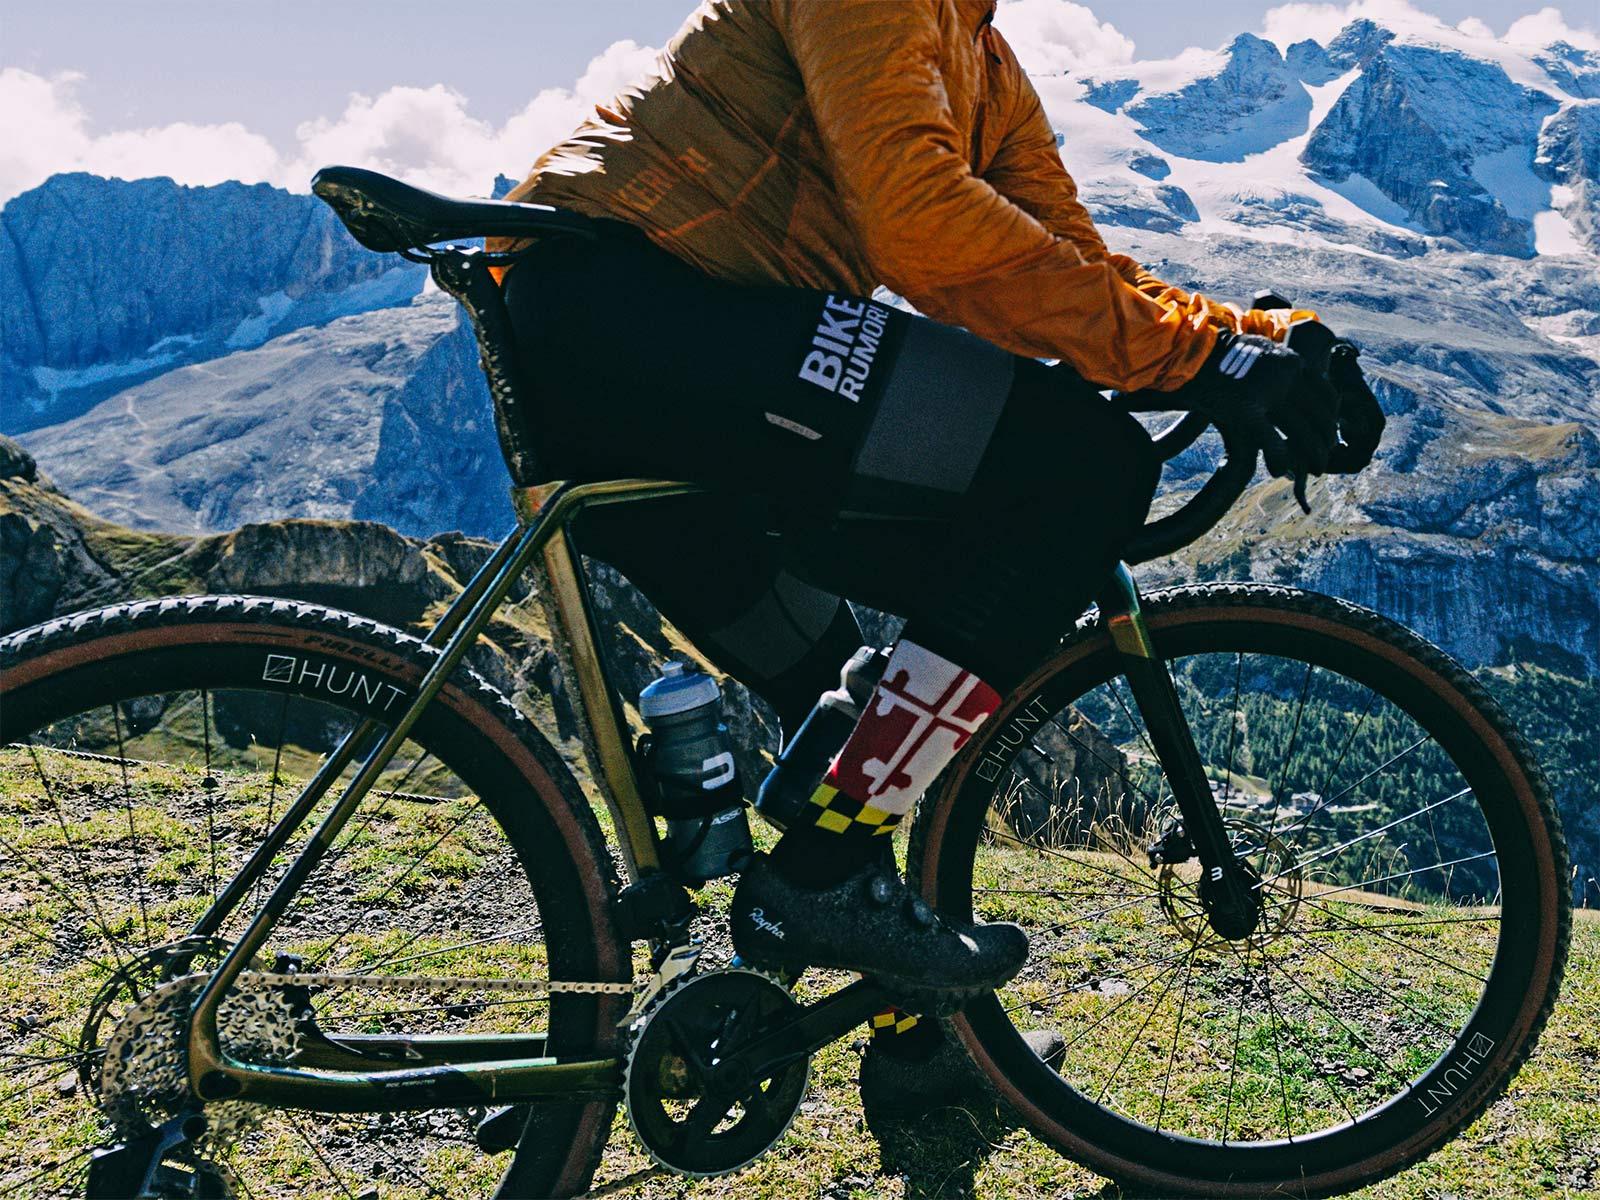 2022 Basso Palta II carbon gravel bike review made-in-Italy, photo by Francesco Bonato,frameset detail